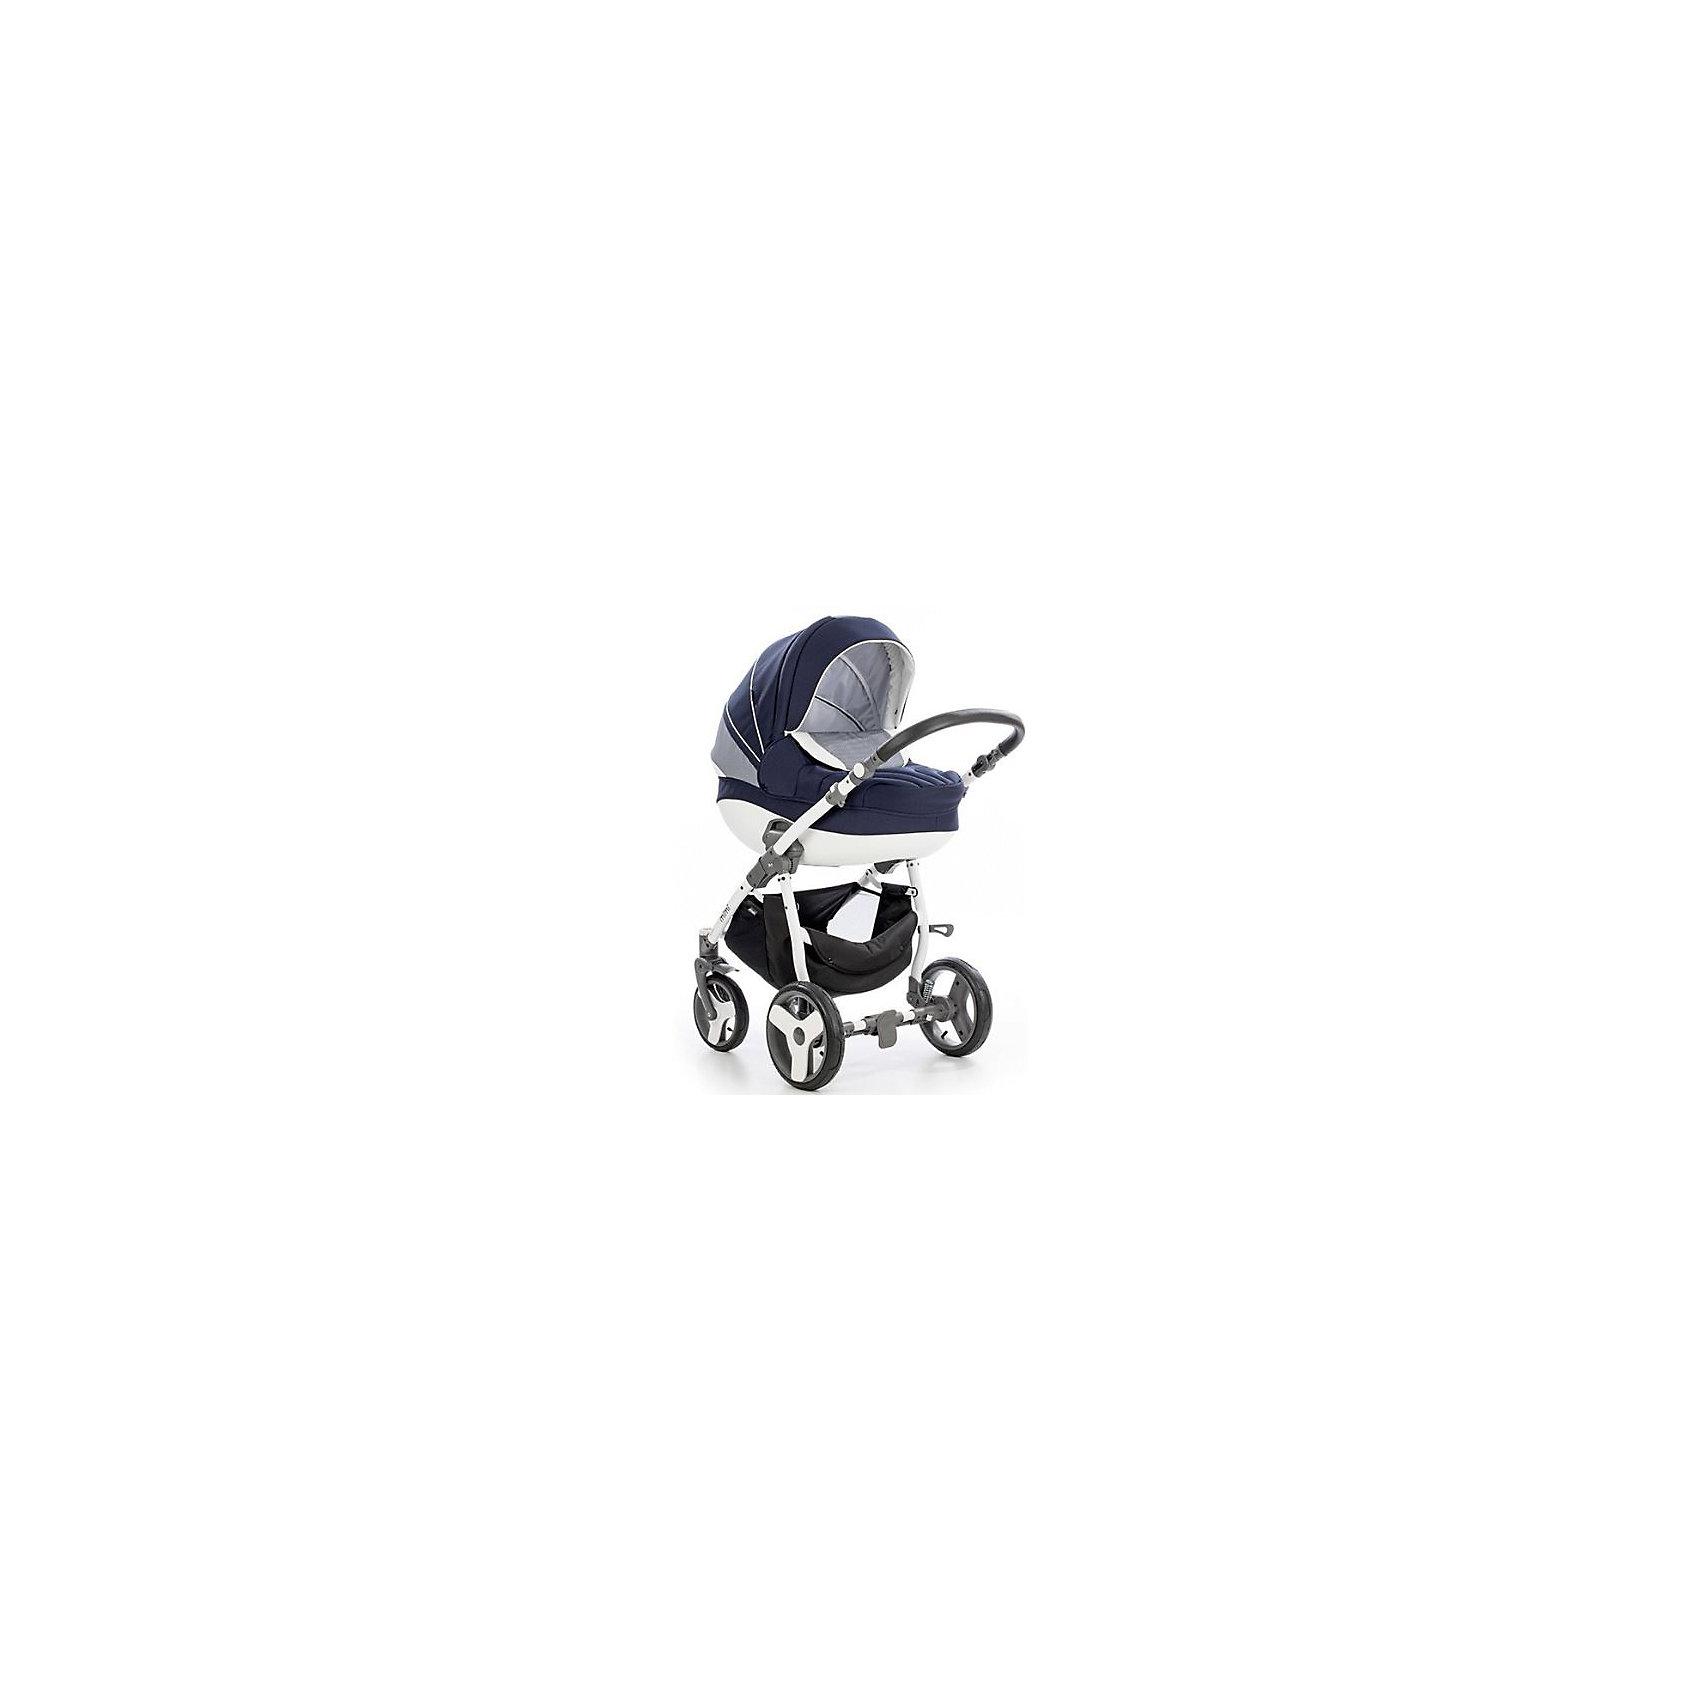 TUTIS Коляска 3 в1 MIMI Plus, Tutis, белая рама, темно-синий/белый/крап универсальная коляска tutis mimi plus 3 в 1 dark blue white rhomb